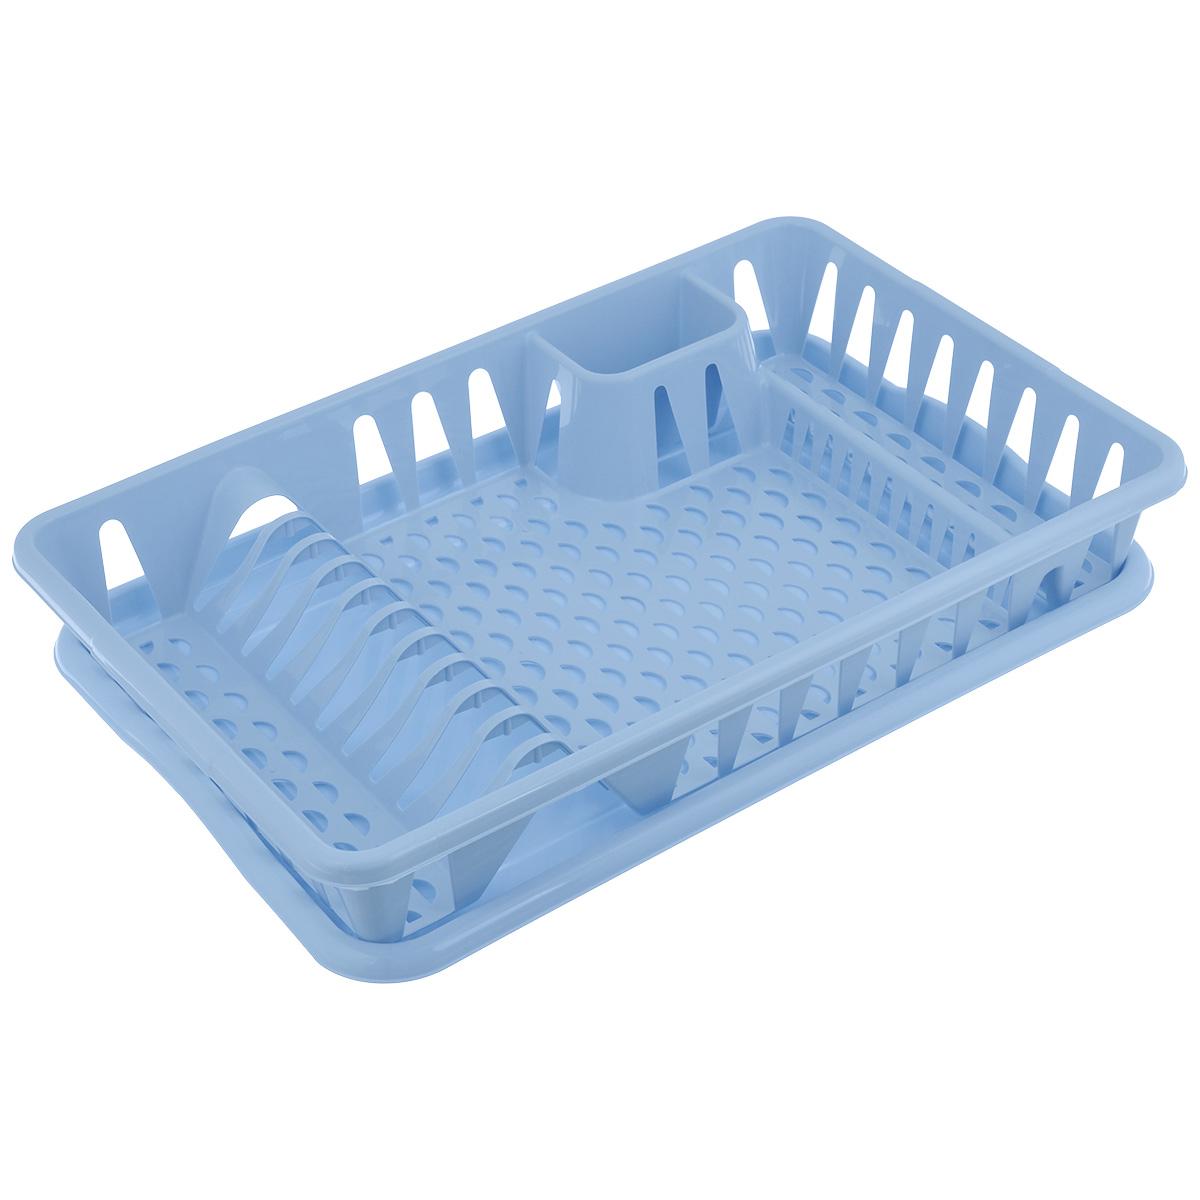 Сушилка для посуды Idea, с поддоном, цвет: голубой, 50 см х 32,5 см х 8 смМ 1169Сушилка Idea, выполненная из прочного пластика, представляет собой решетку с ячейками, в которые помещается посуда: тарелки, кружки, ложки, ножи. Изделие оснащено пластиковым поддоном для стекания воды. Сушилку можно установить в любом удобном месте. На ней можно разместить большое количество предметов. Вместительные размеры и оригинальный дизайн выделяют эту сушку из ряда подобных.Размер сушилки: 46,5 см х 37 см х 9 см. Размер поддона: 48,5см х 32 см х 2,5 см.